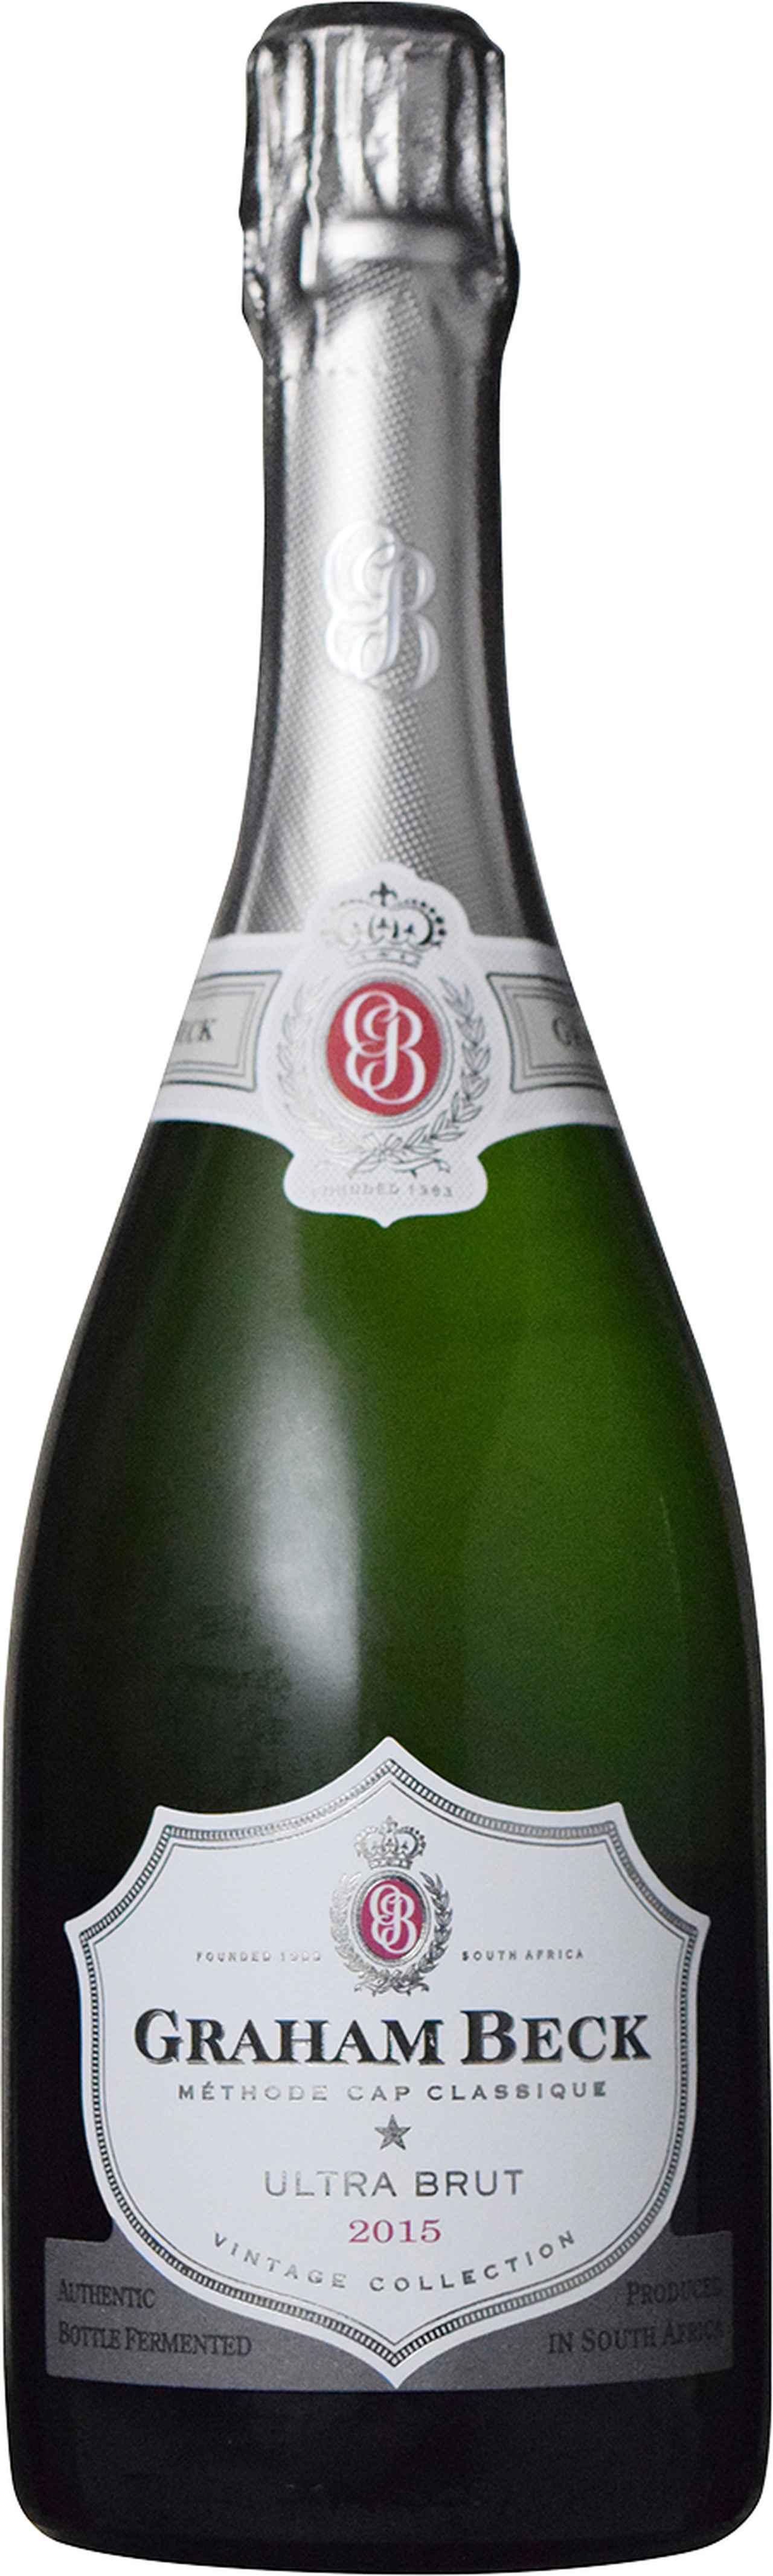 画像5: 南アフリカのスパークリングワイン「キャップ・クラシック」と 「グラハム・ベック・ワインズ」の美味しさの秘密